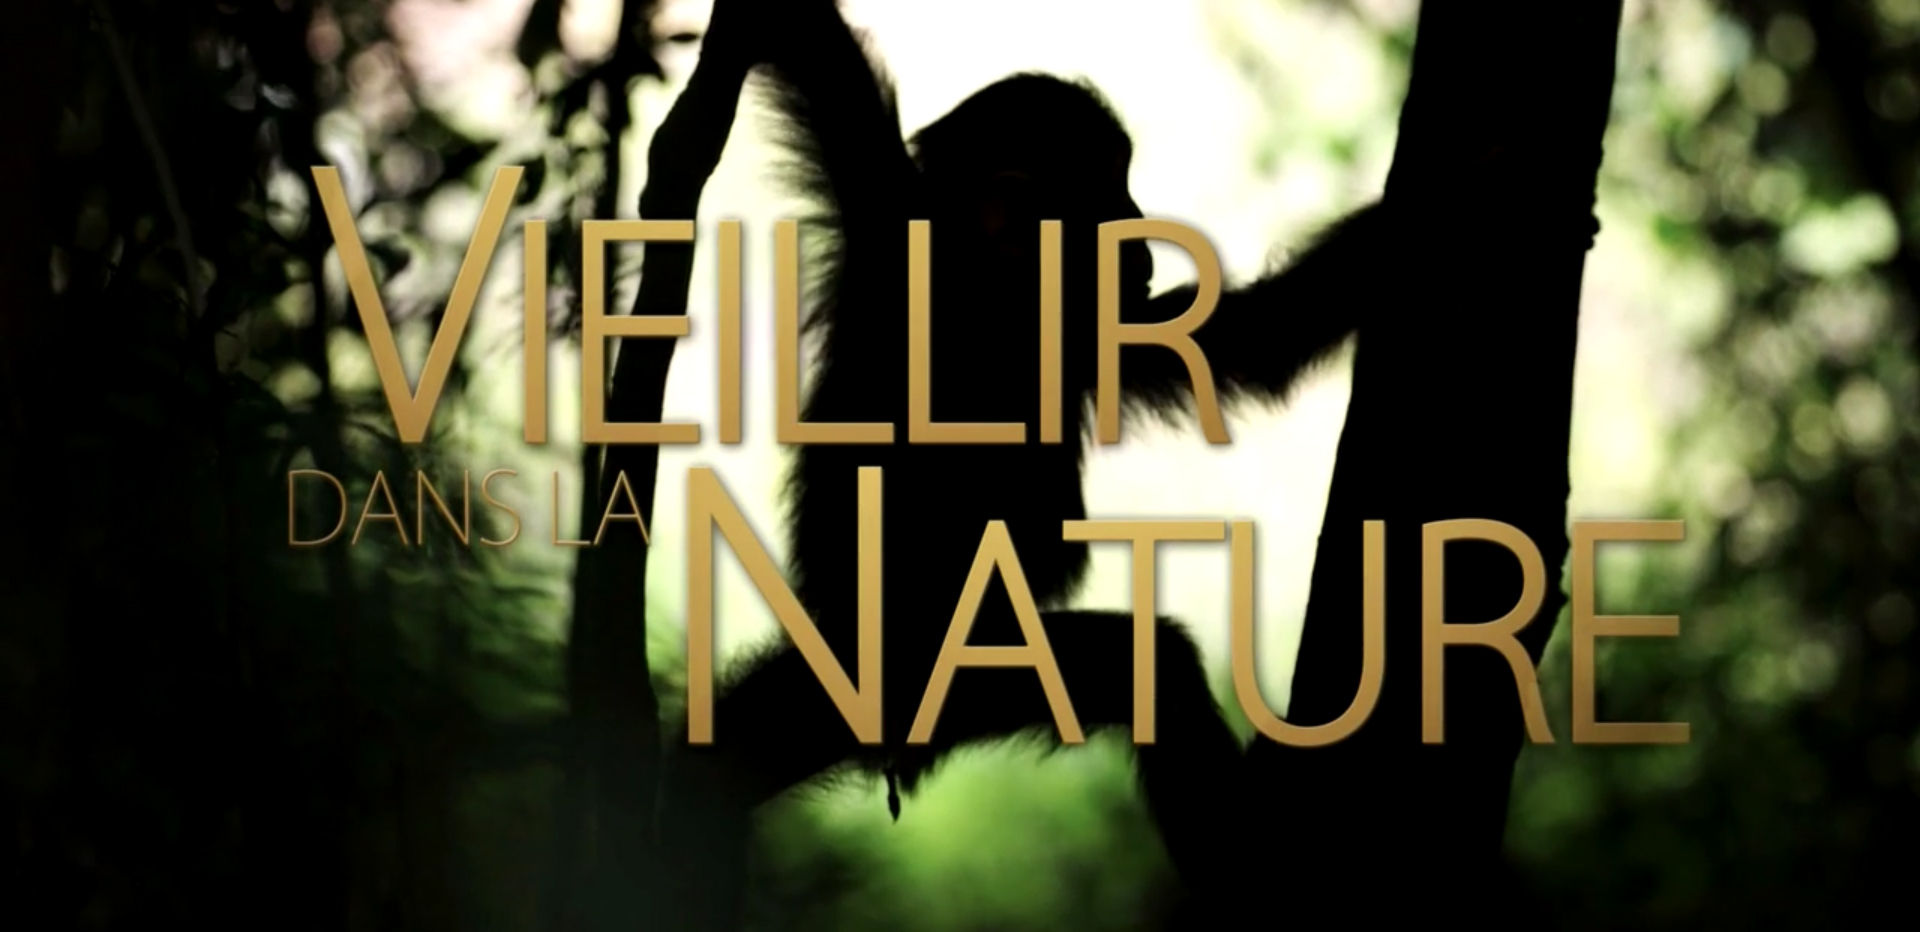 Vieillir dans la nature – La vie prend fin